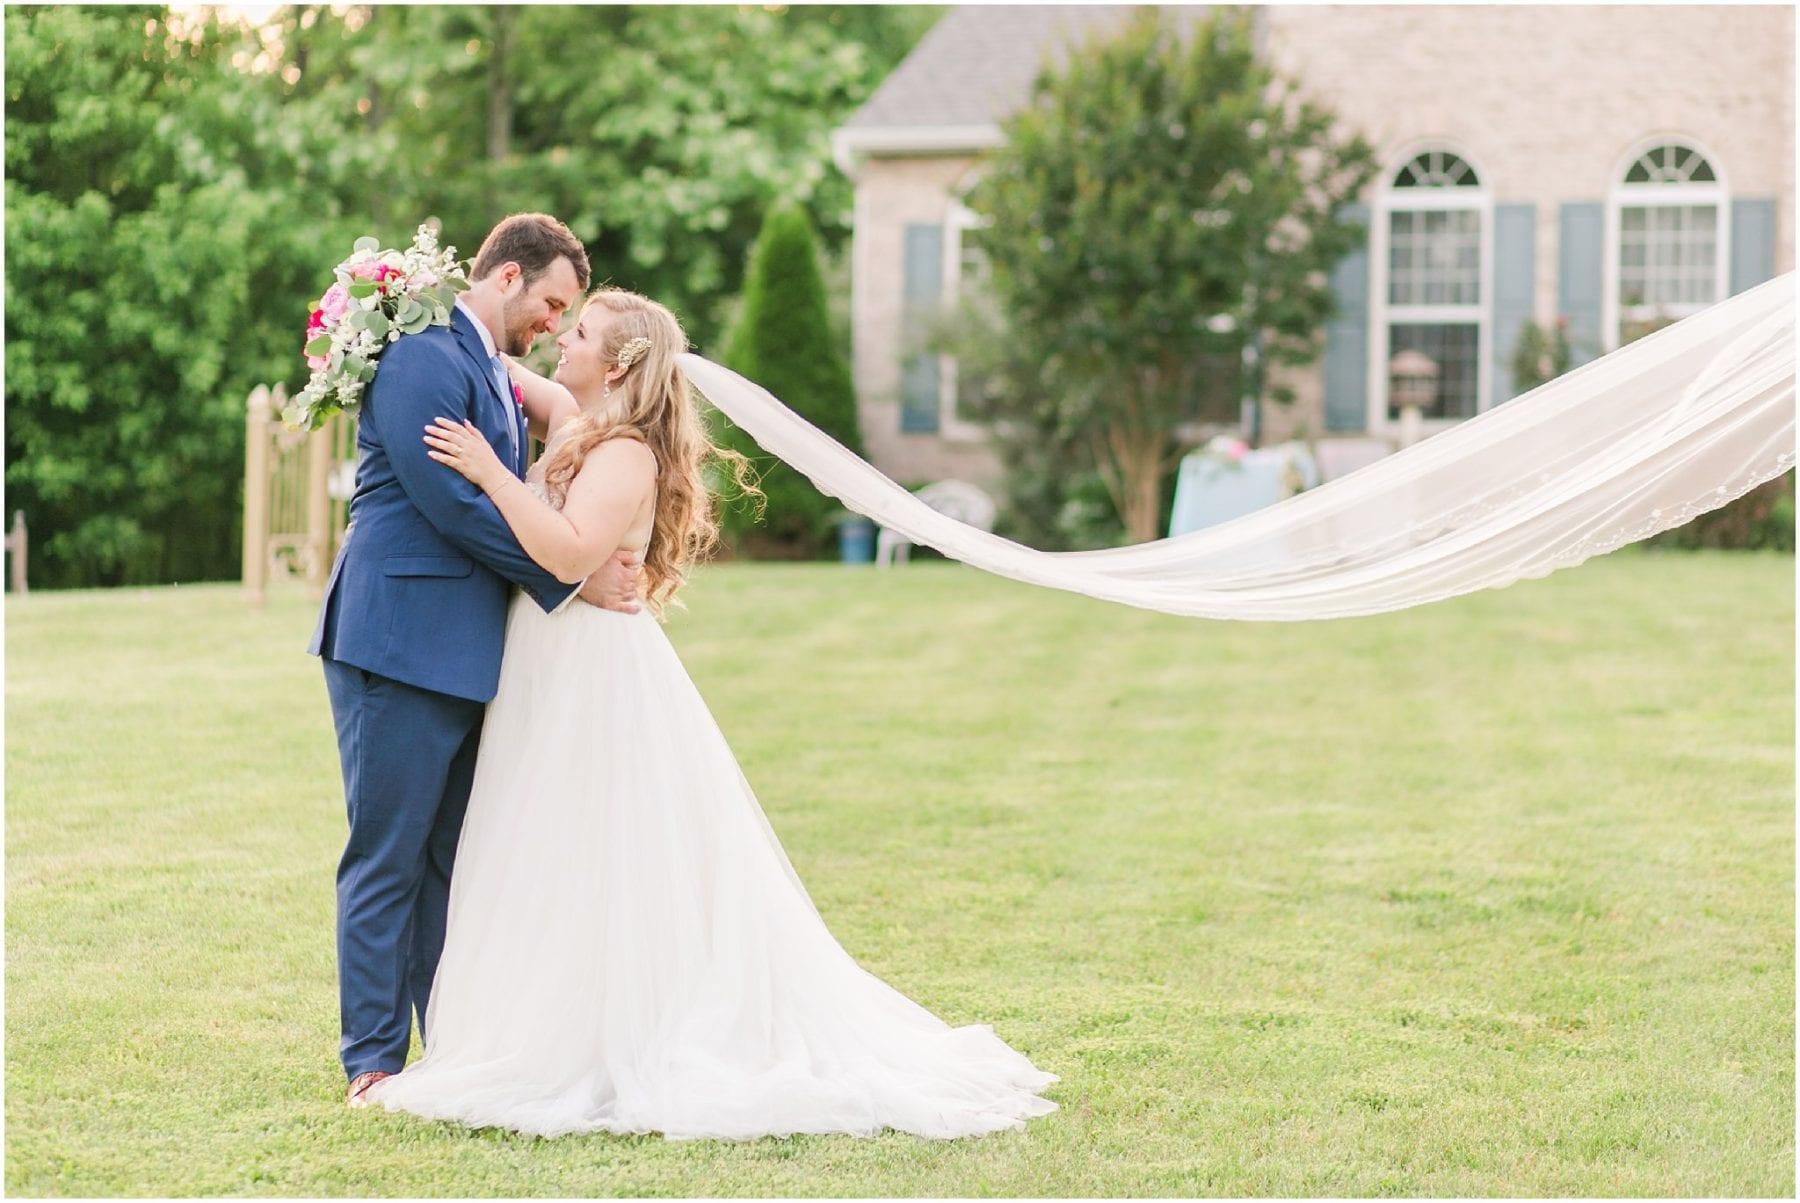 Maryland Backyard Wedding Photos Kelly & Zach Megan Kelsey Photography-260.jpg